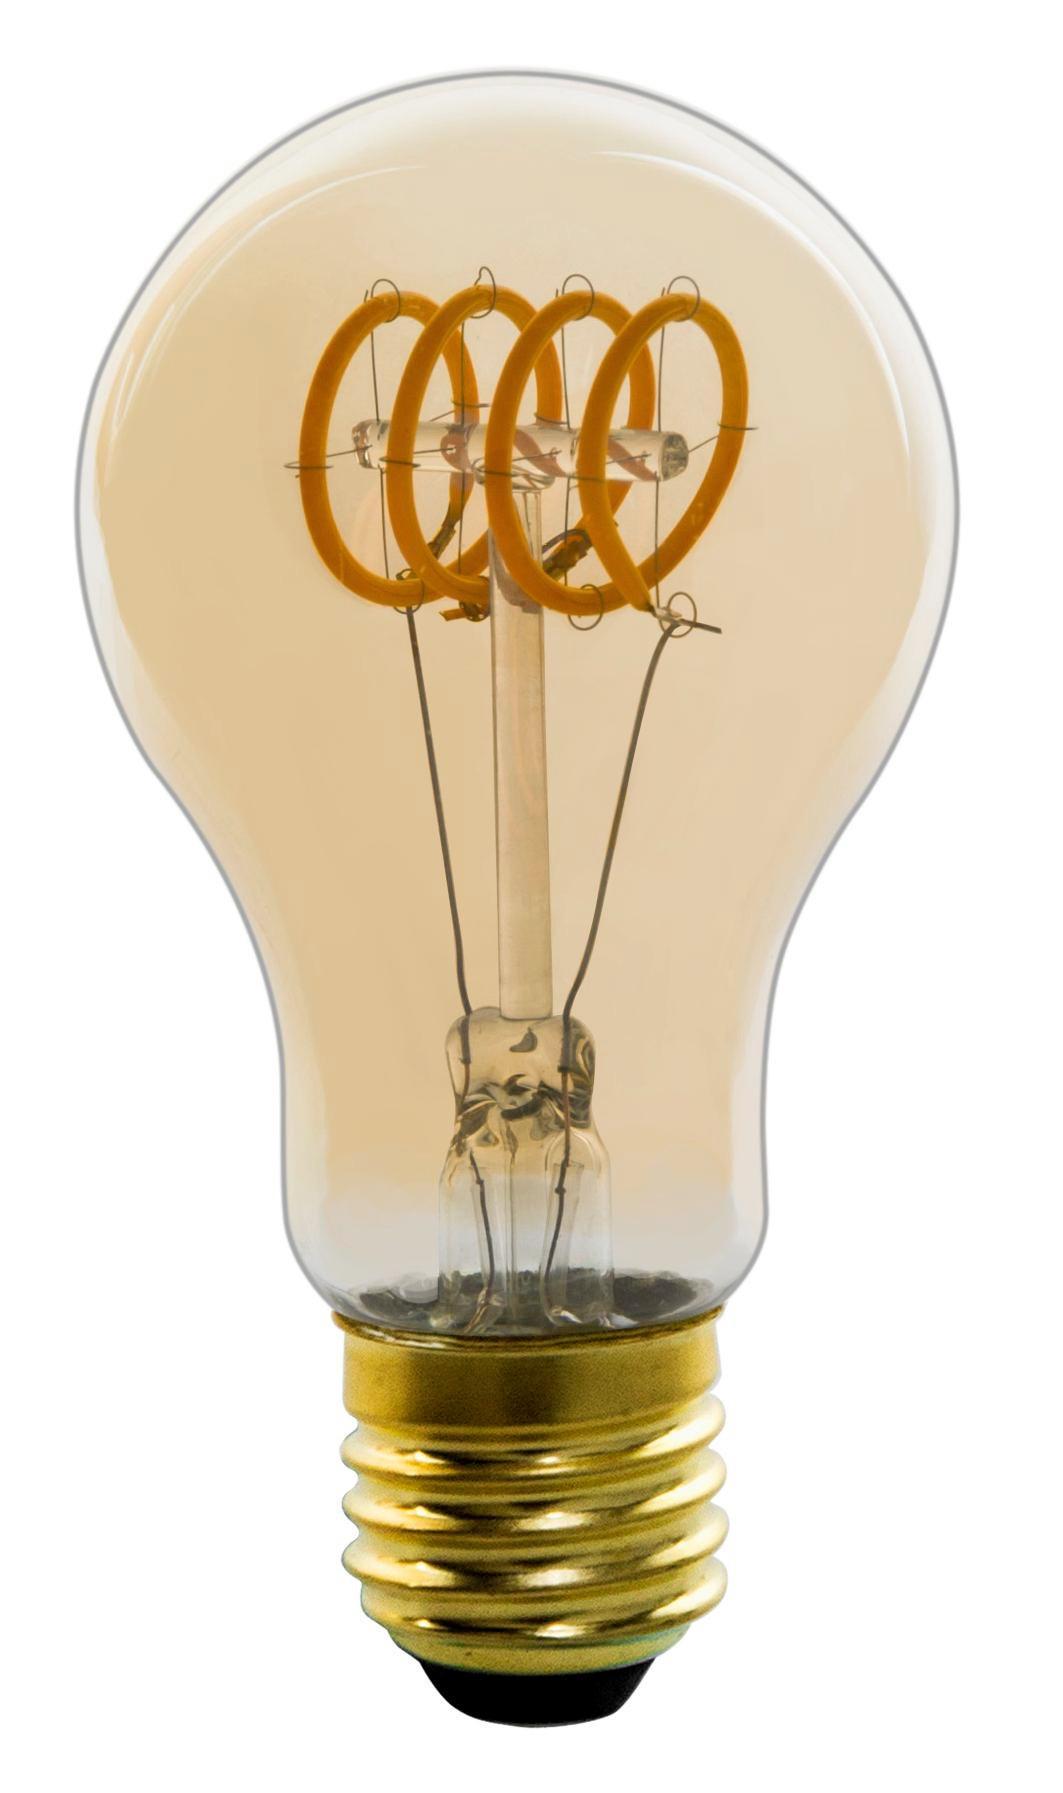 Deko leuchtmittel online bestellen for Deko bestellen